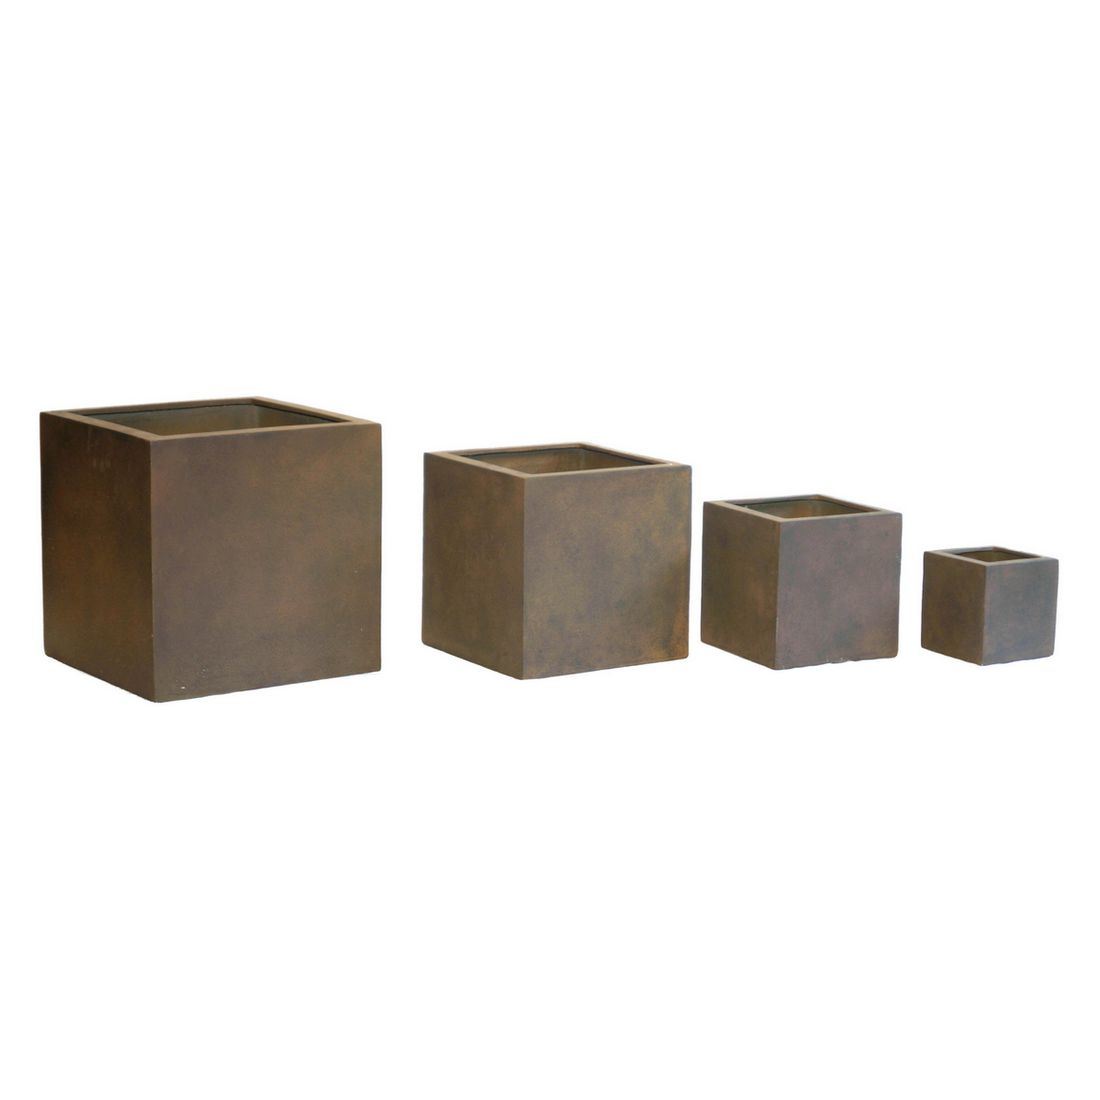 Pflanzkübel Rusty Iron – Kunststoff – Modern Eckig Normal – Höhe: 40 cm Breite: 40 cm (einzeln), Viducci's Garden online kaufen